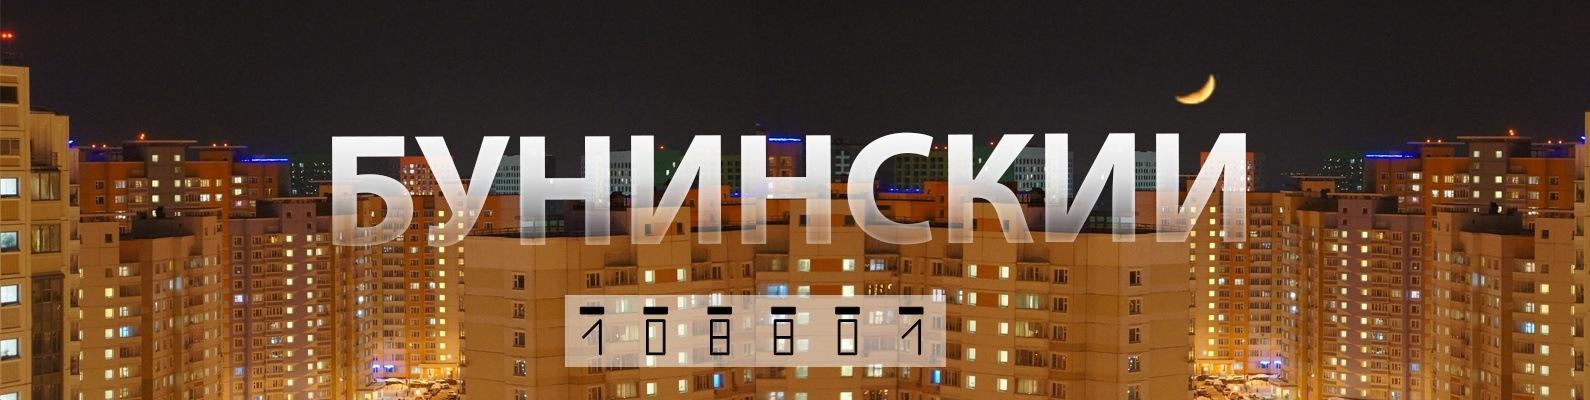 Справку с места работы с подтверждением Старокрымская улица справку с места работы с подтверждением Лихачевский 2-й переулок